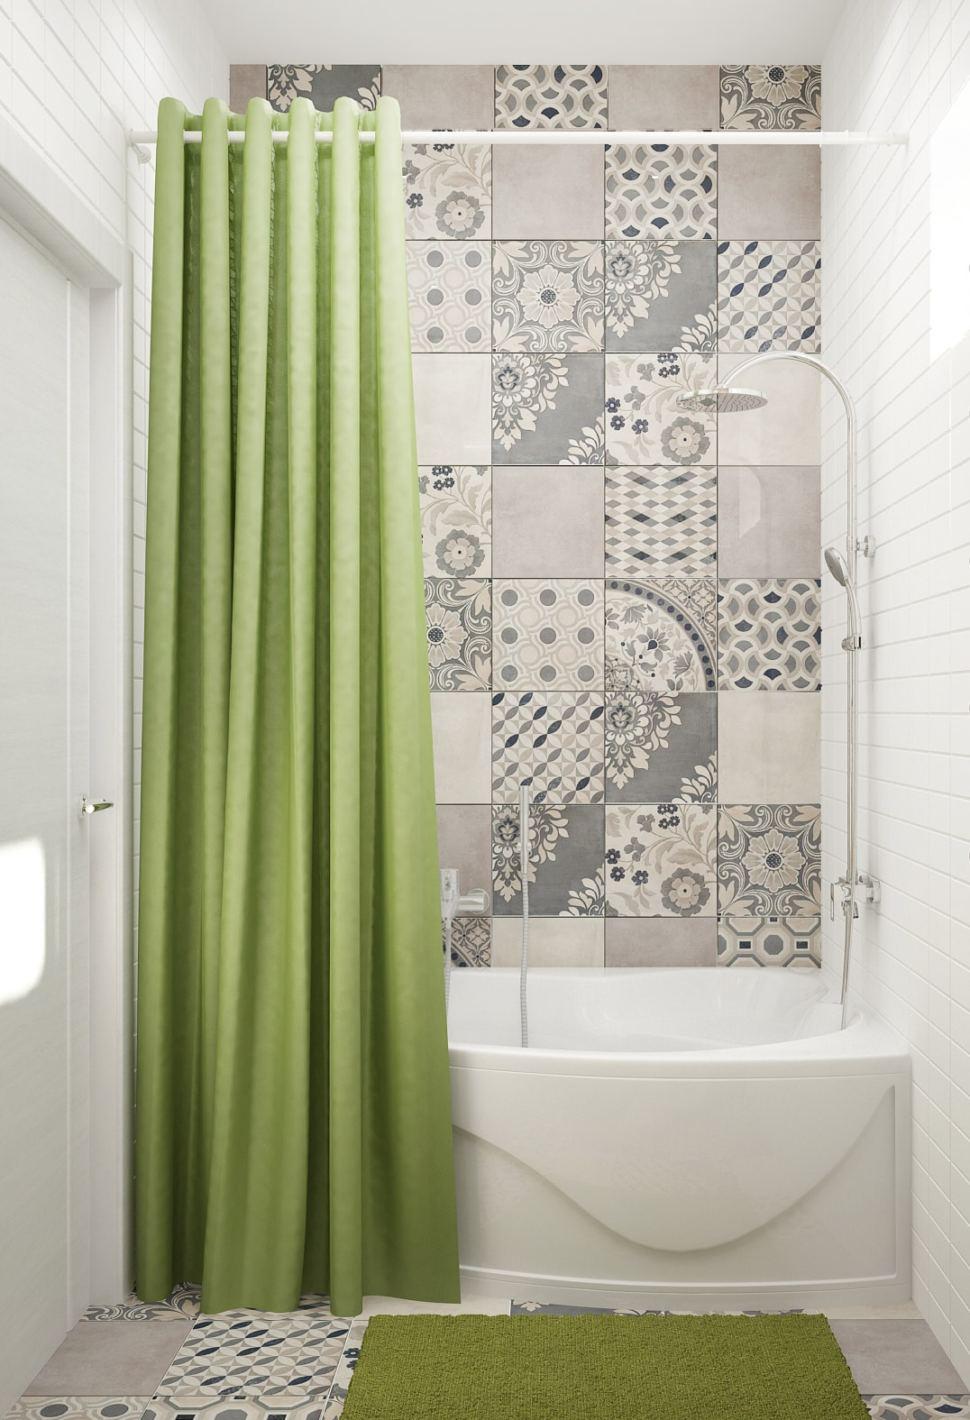 Визуализация ванной комнаты 5 кв.м в теплых тонах, ванная, душ, керамическая плитка, орнамент